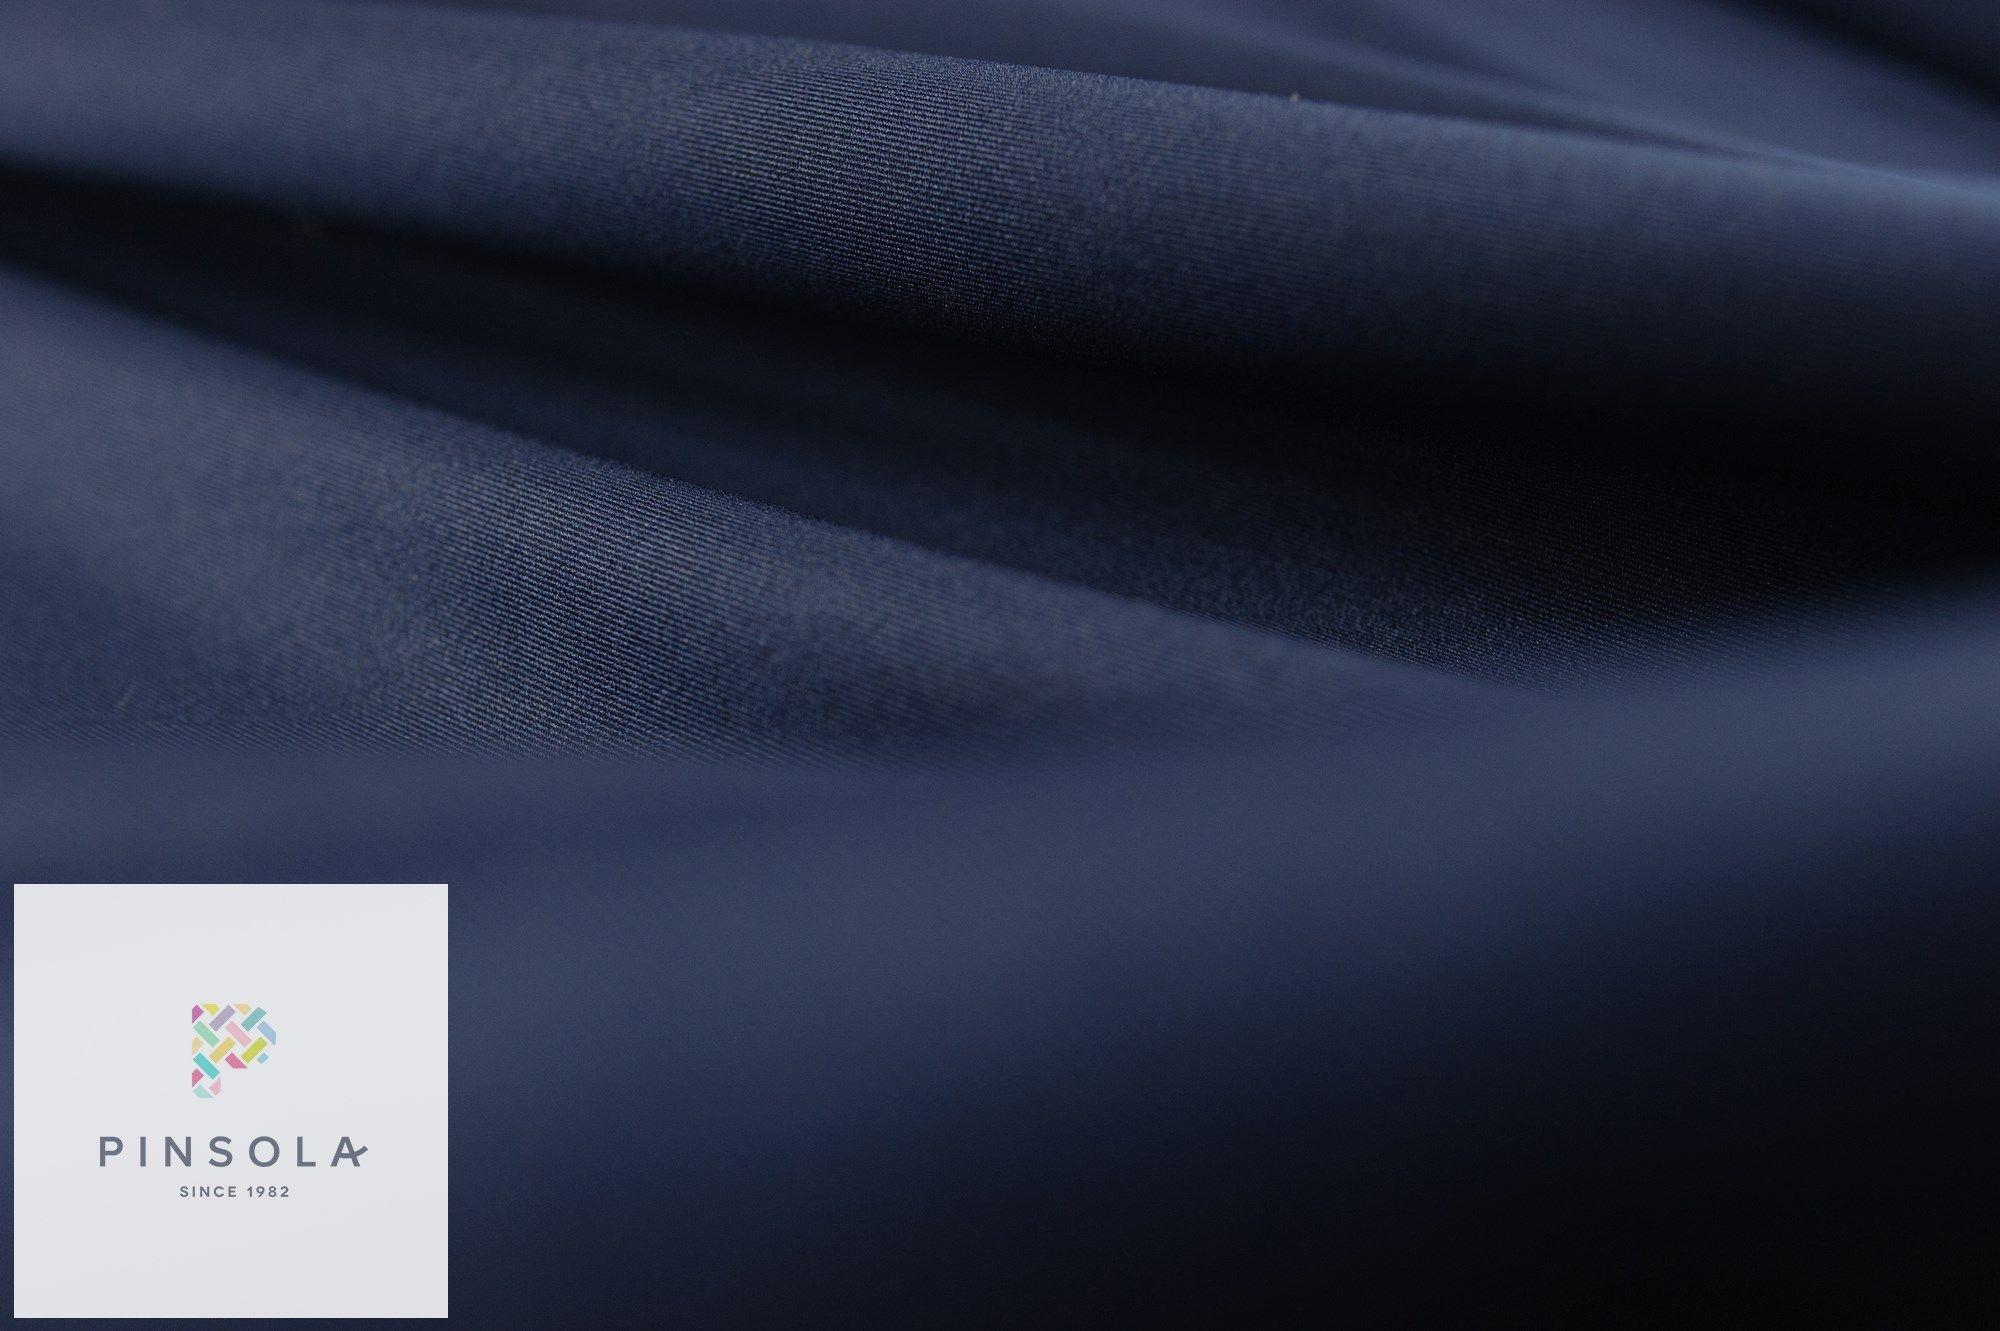 c5a0361b Spódnica Maja 34-52 wydruk wielkoformatowy i surowce | Pinsola